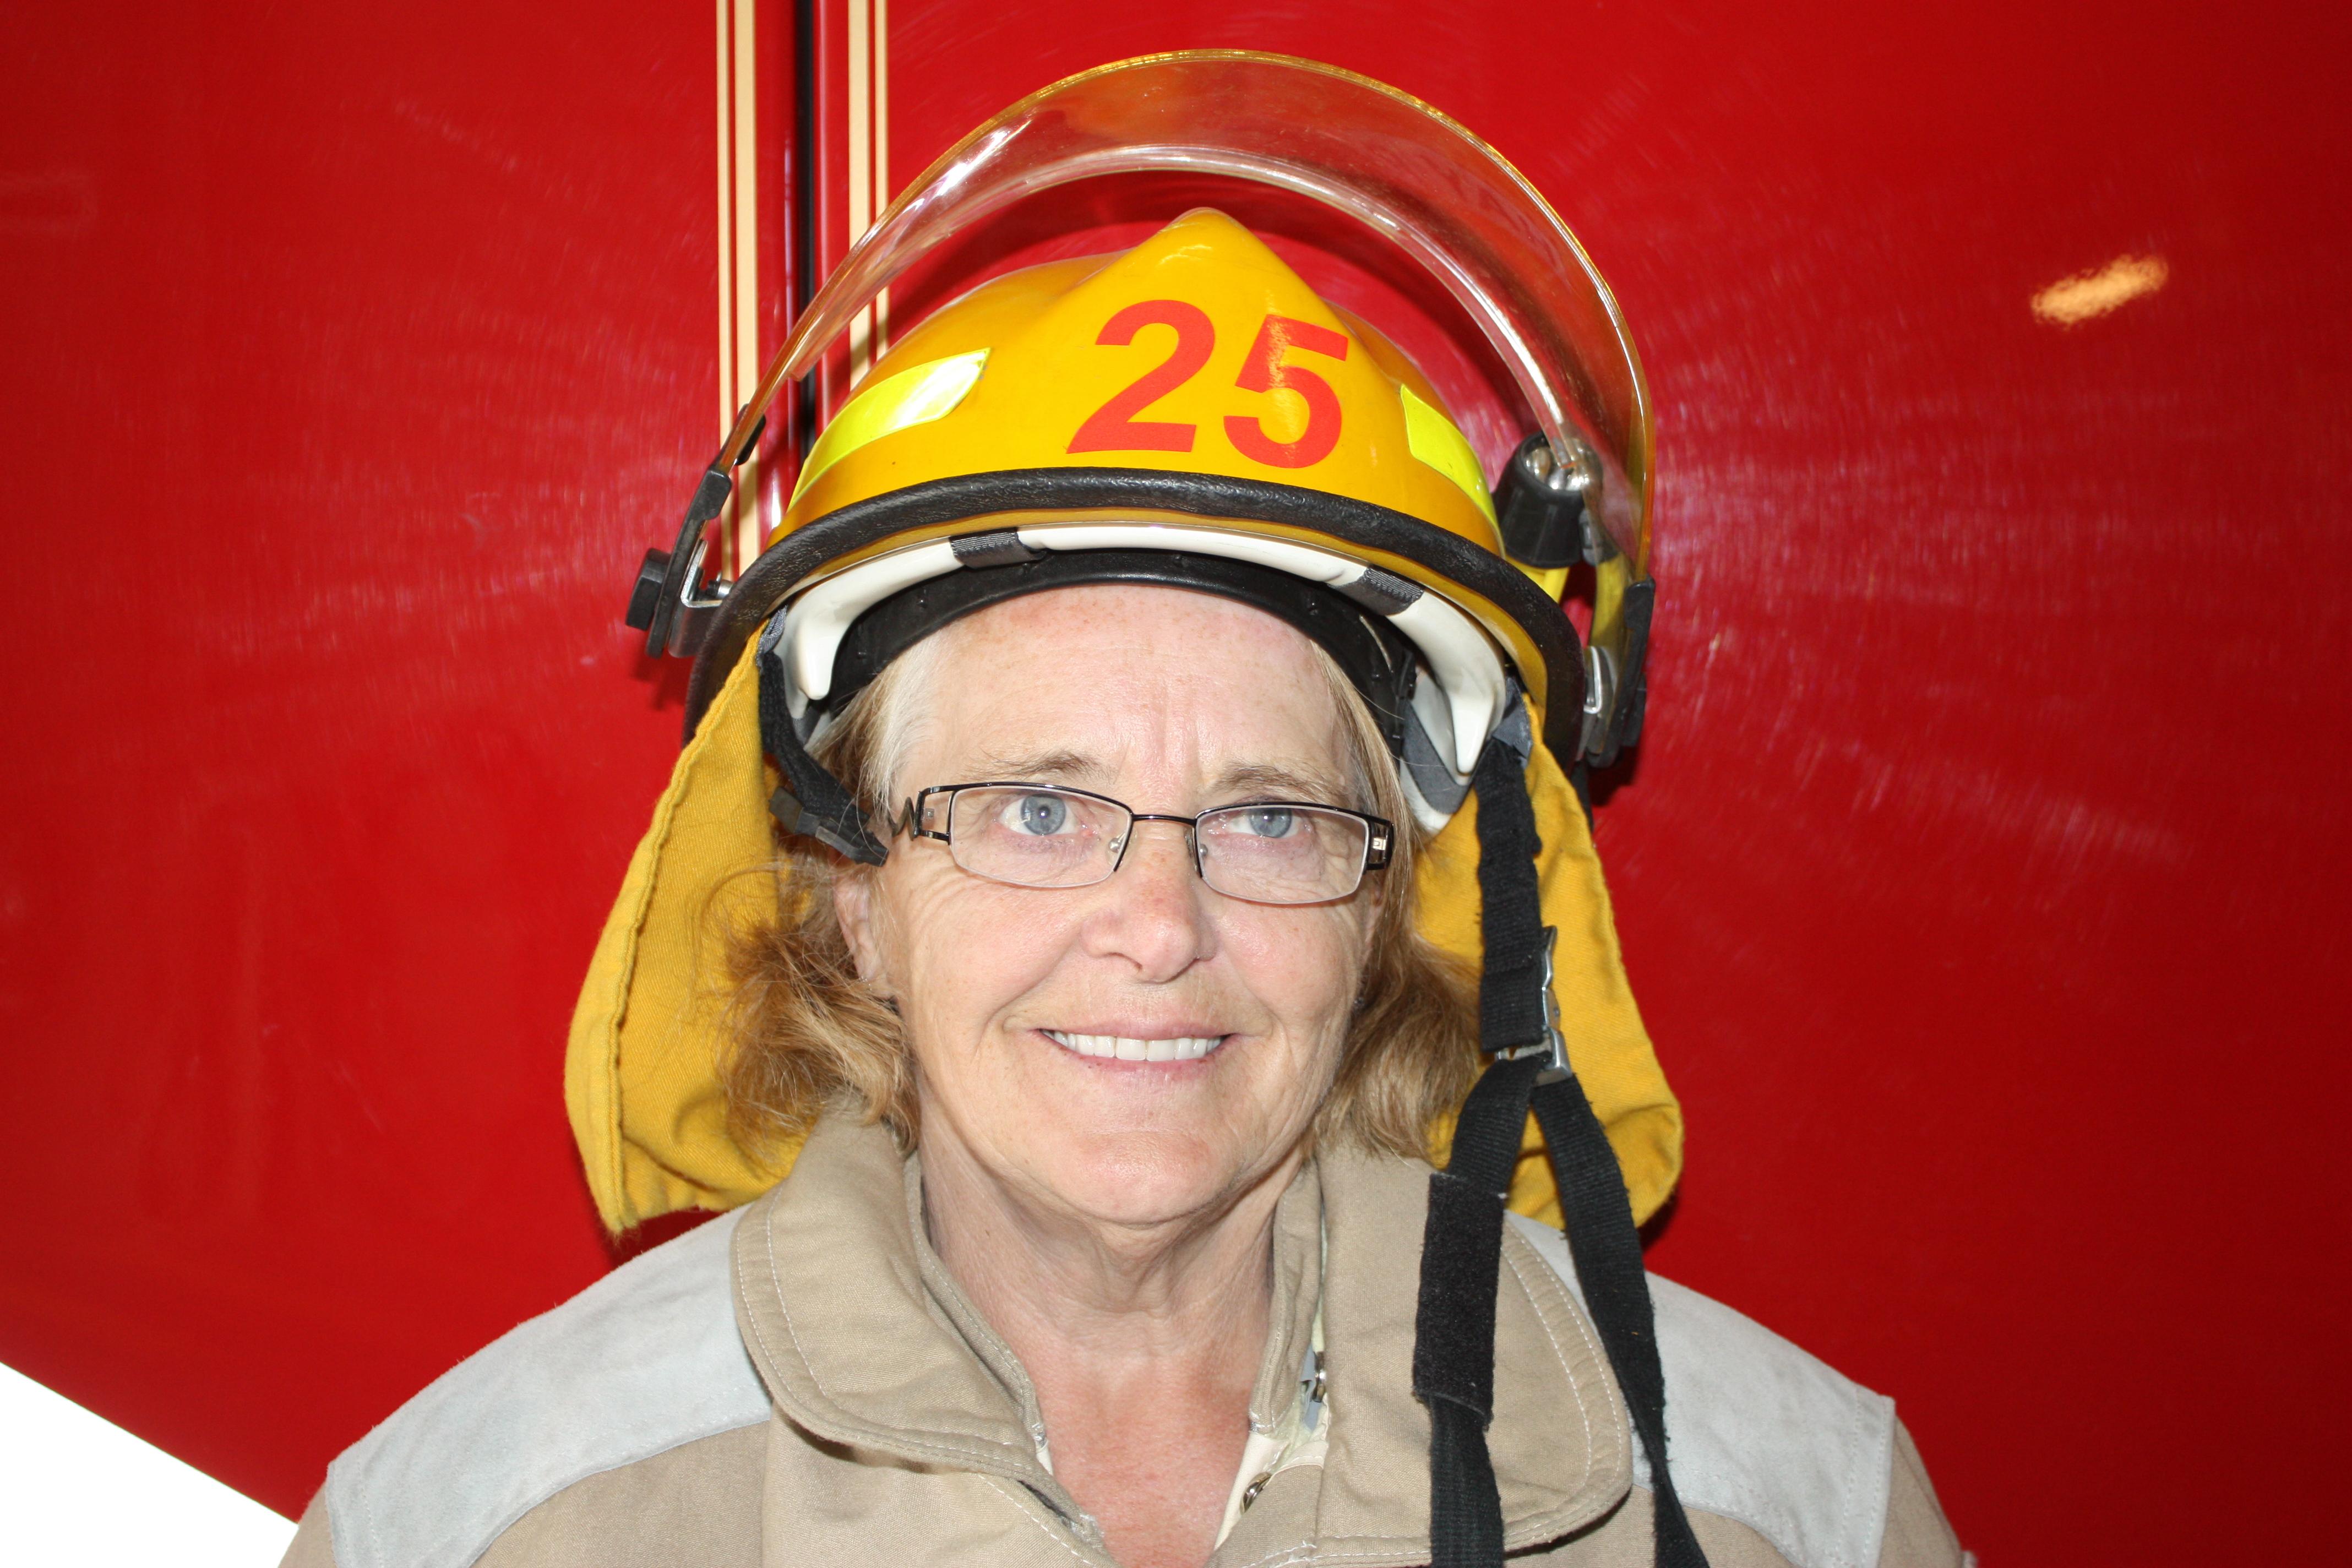 Firefighter 25